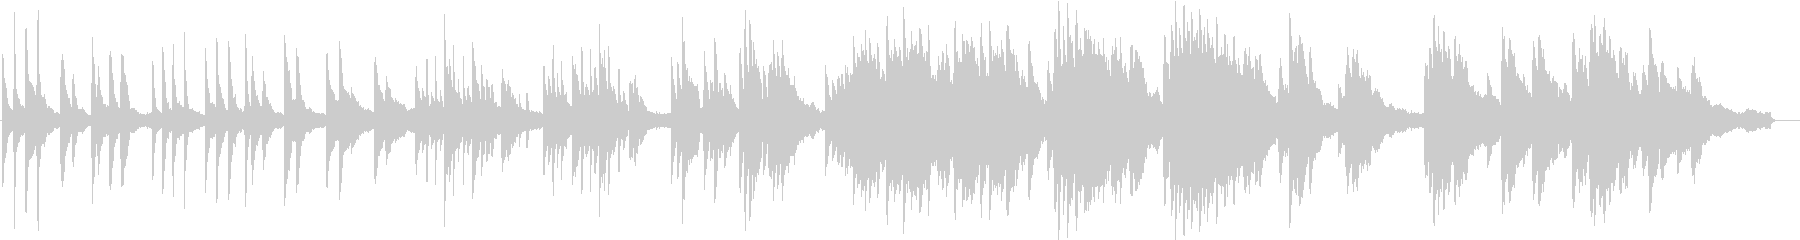 ヒーリングピアノ組曲 まどろみ 7の未再生の波形